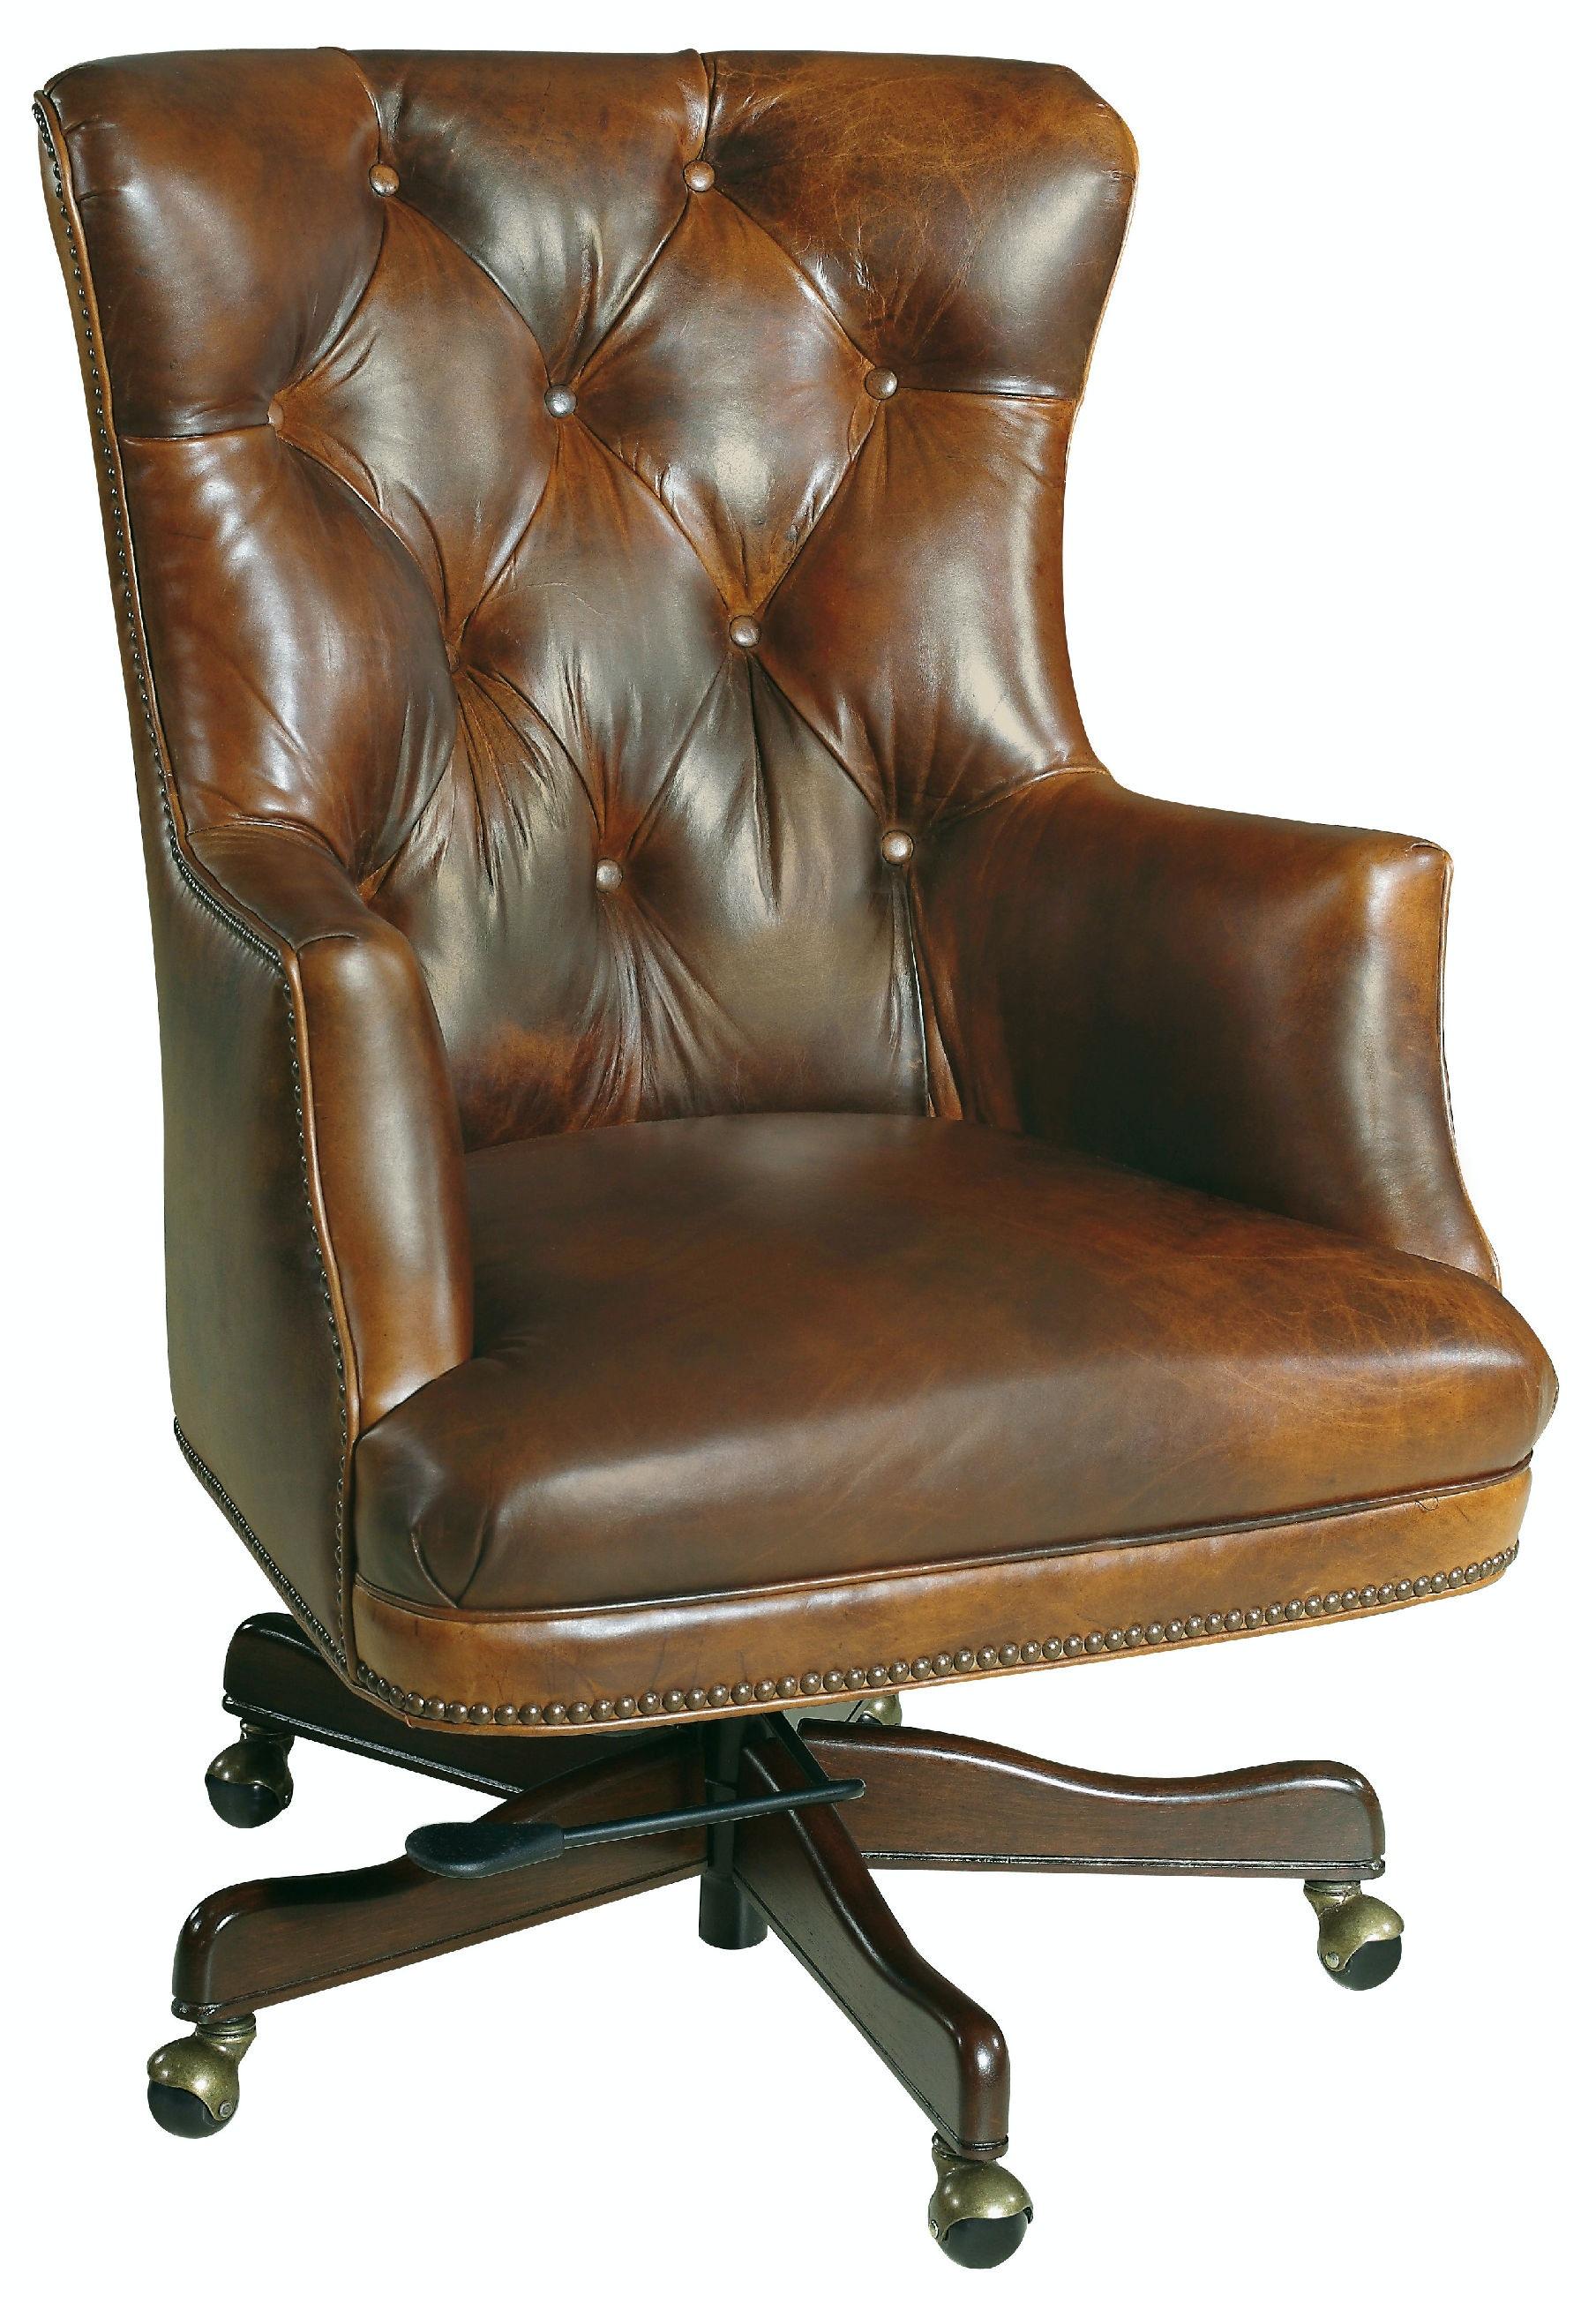 Merveilleux Hooker Furniture Bradley Executive Swivel Tilt Chair EC436 087